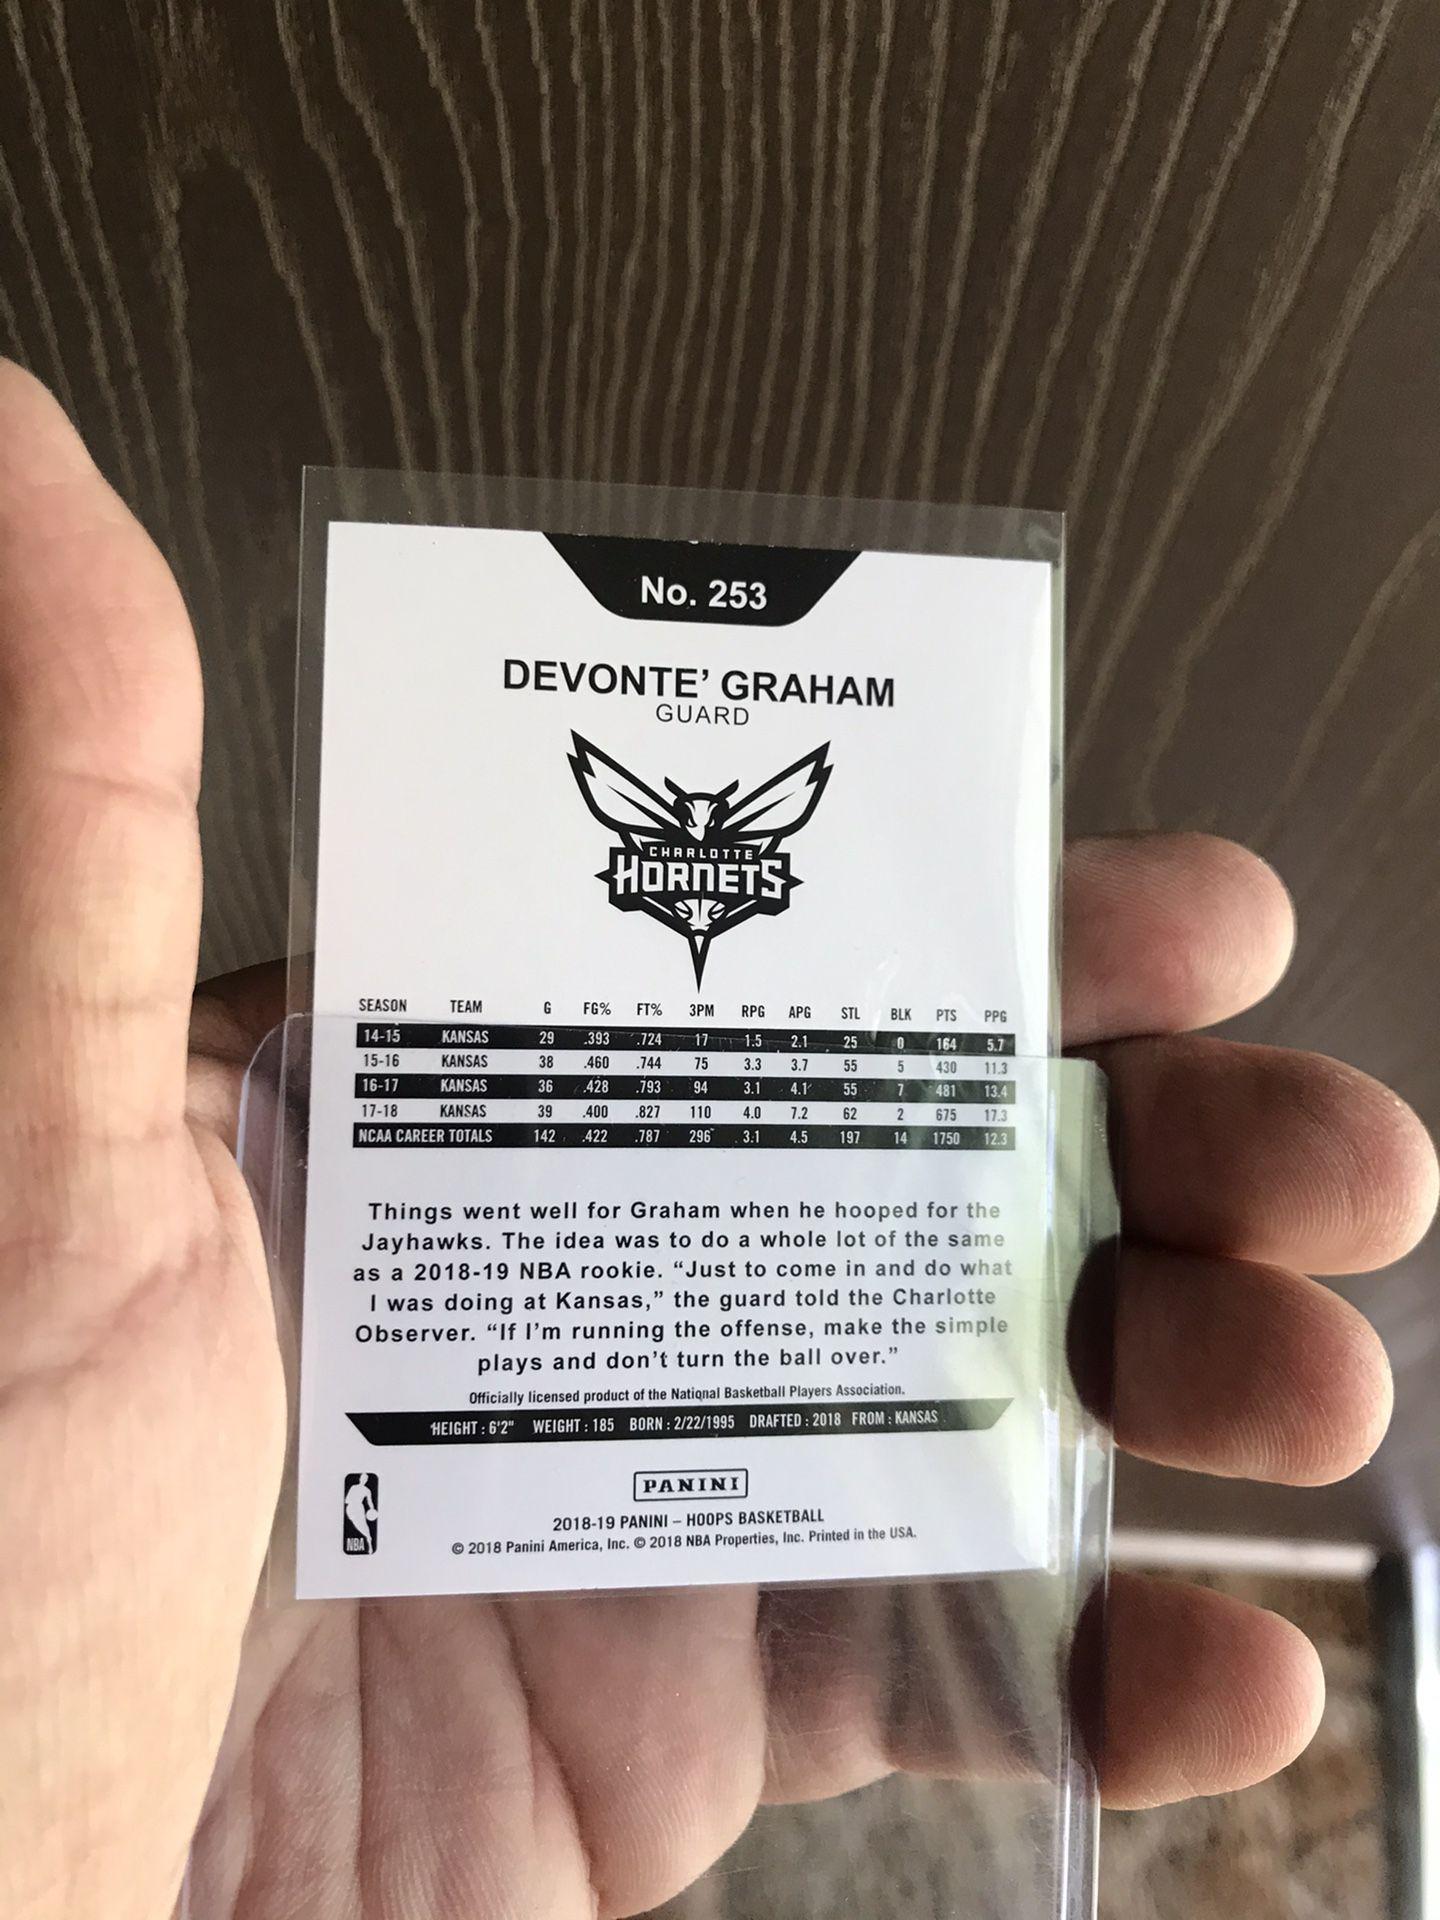 NBAHOOPS DEVONTE GRAHAM ROOKIE CARD